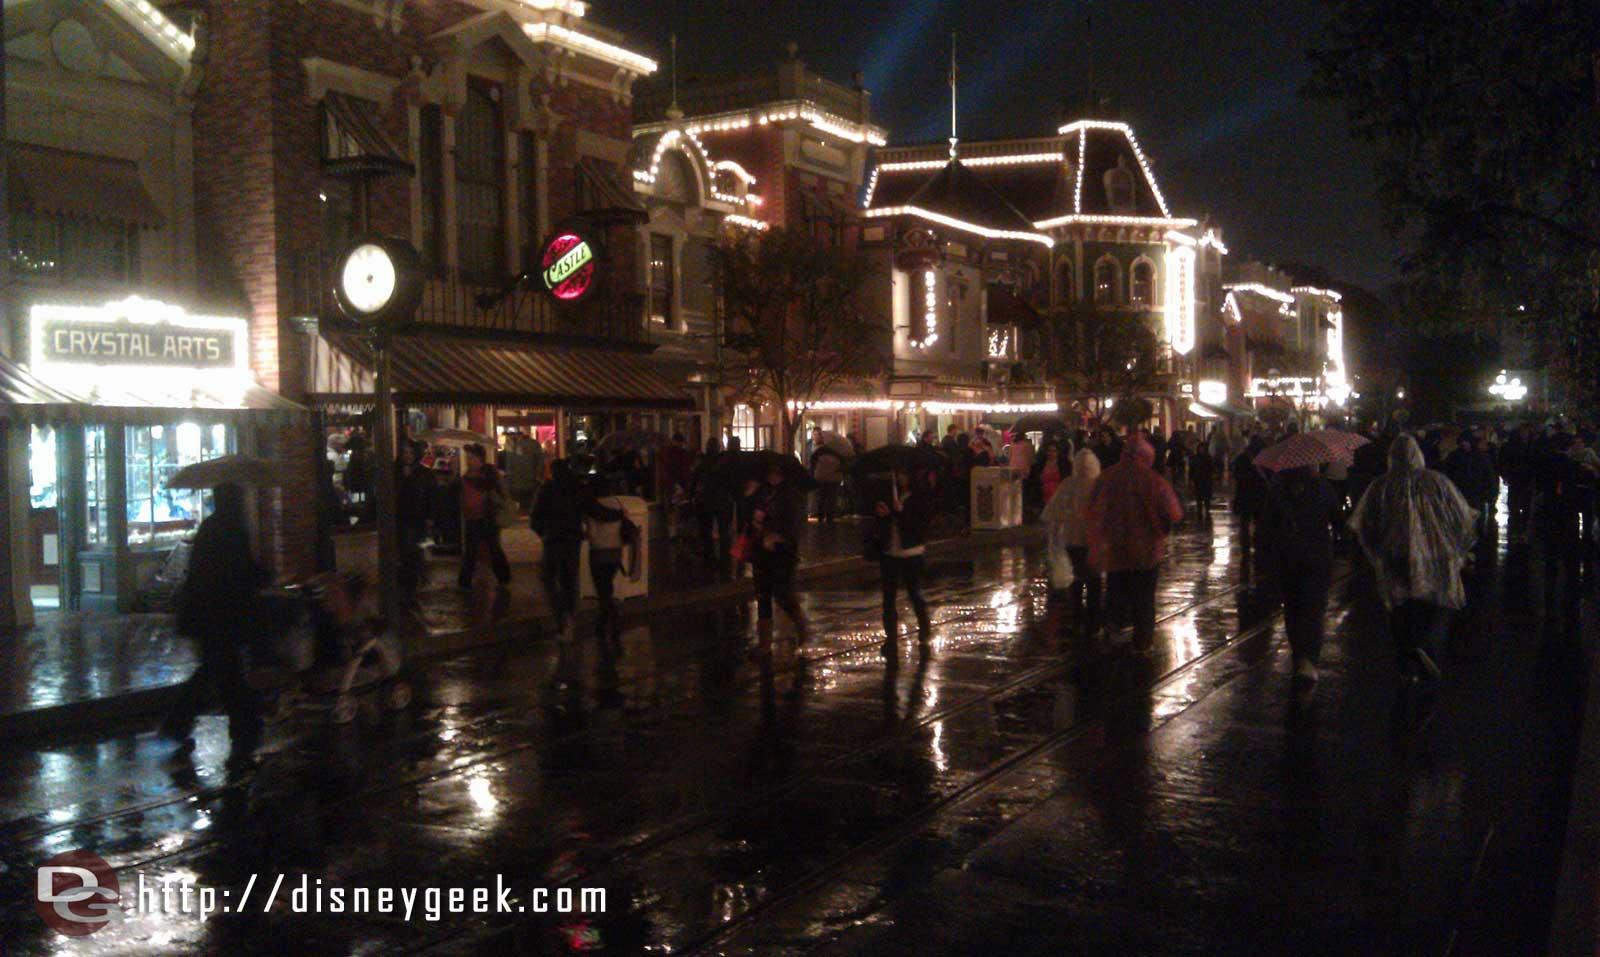 The rain has begun. A look at Main Street